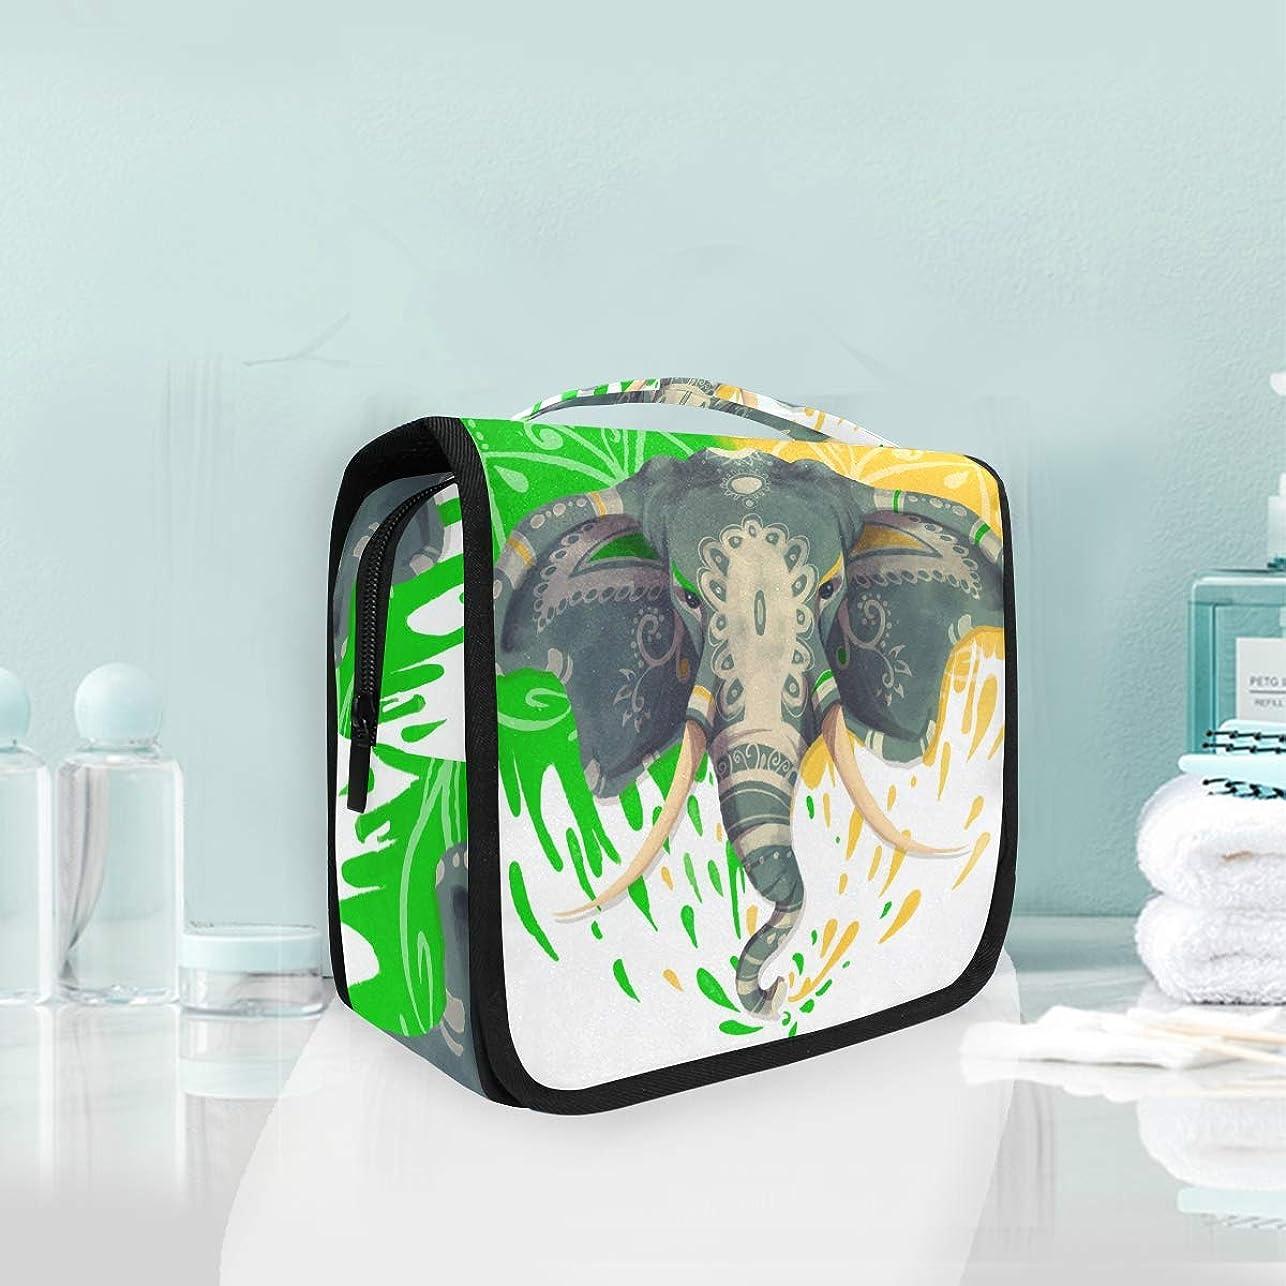 心配ミトン召集する象のアートハンギング折りたたみトイレタリー化粧品袋メイク旅行オーガナイザーバッグケース用女性女の子浴室